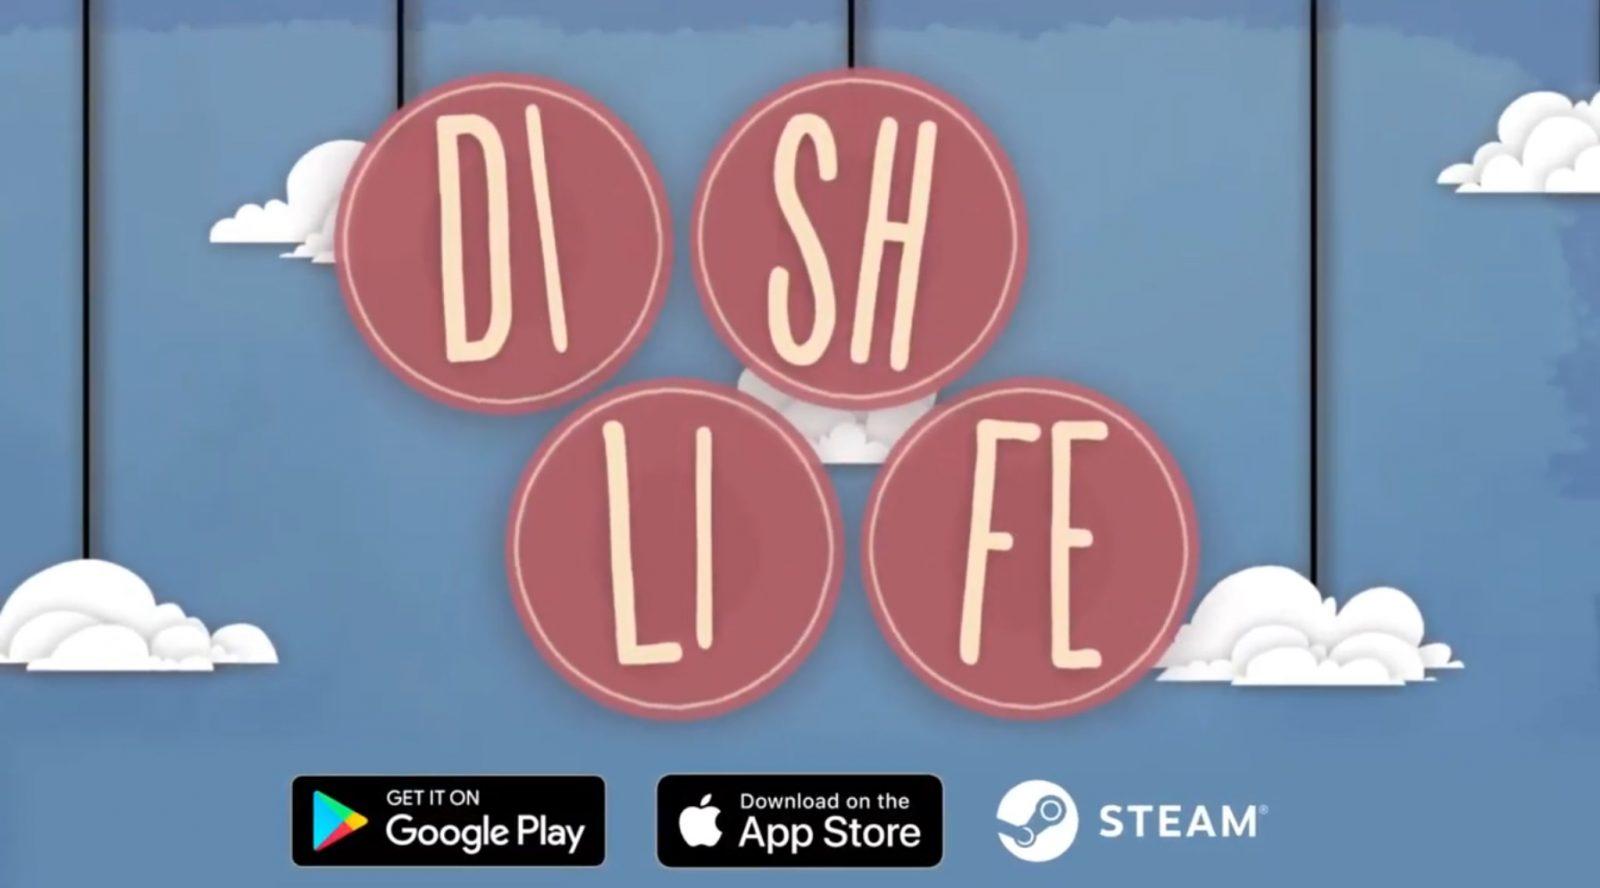 """Dish Life: The Game - займитесь изучением стволовых клеток в новых """"симсах"""" от Кембриджских ученых"""